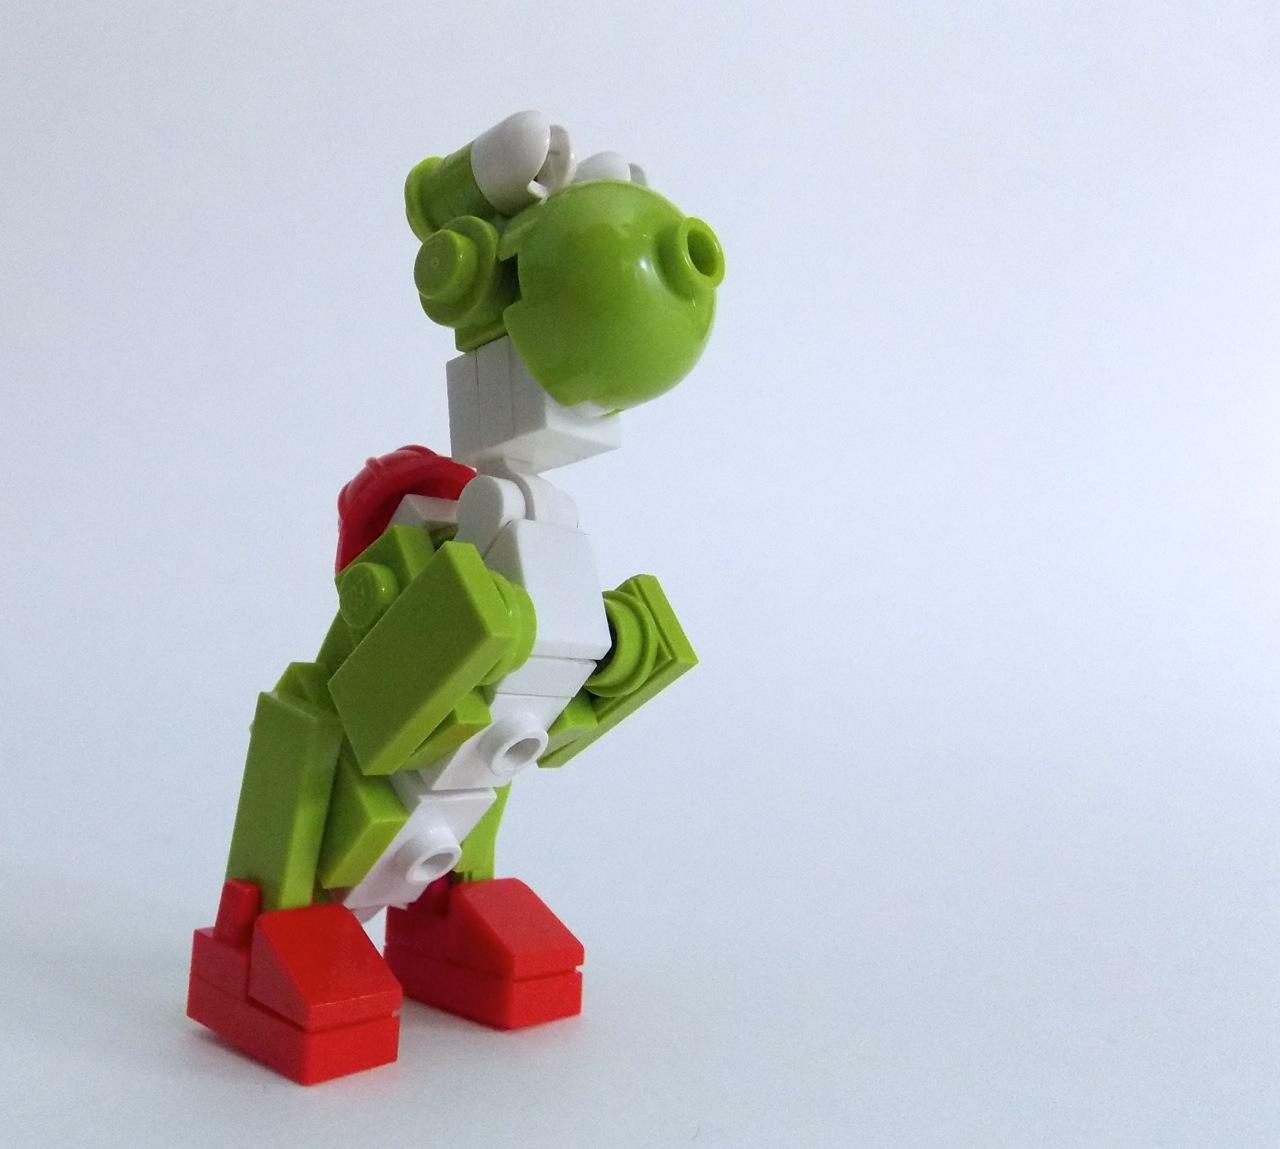 Fondos De Pantalla Escala Lego Nintendo Yoshi Miniland Mundo